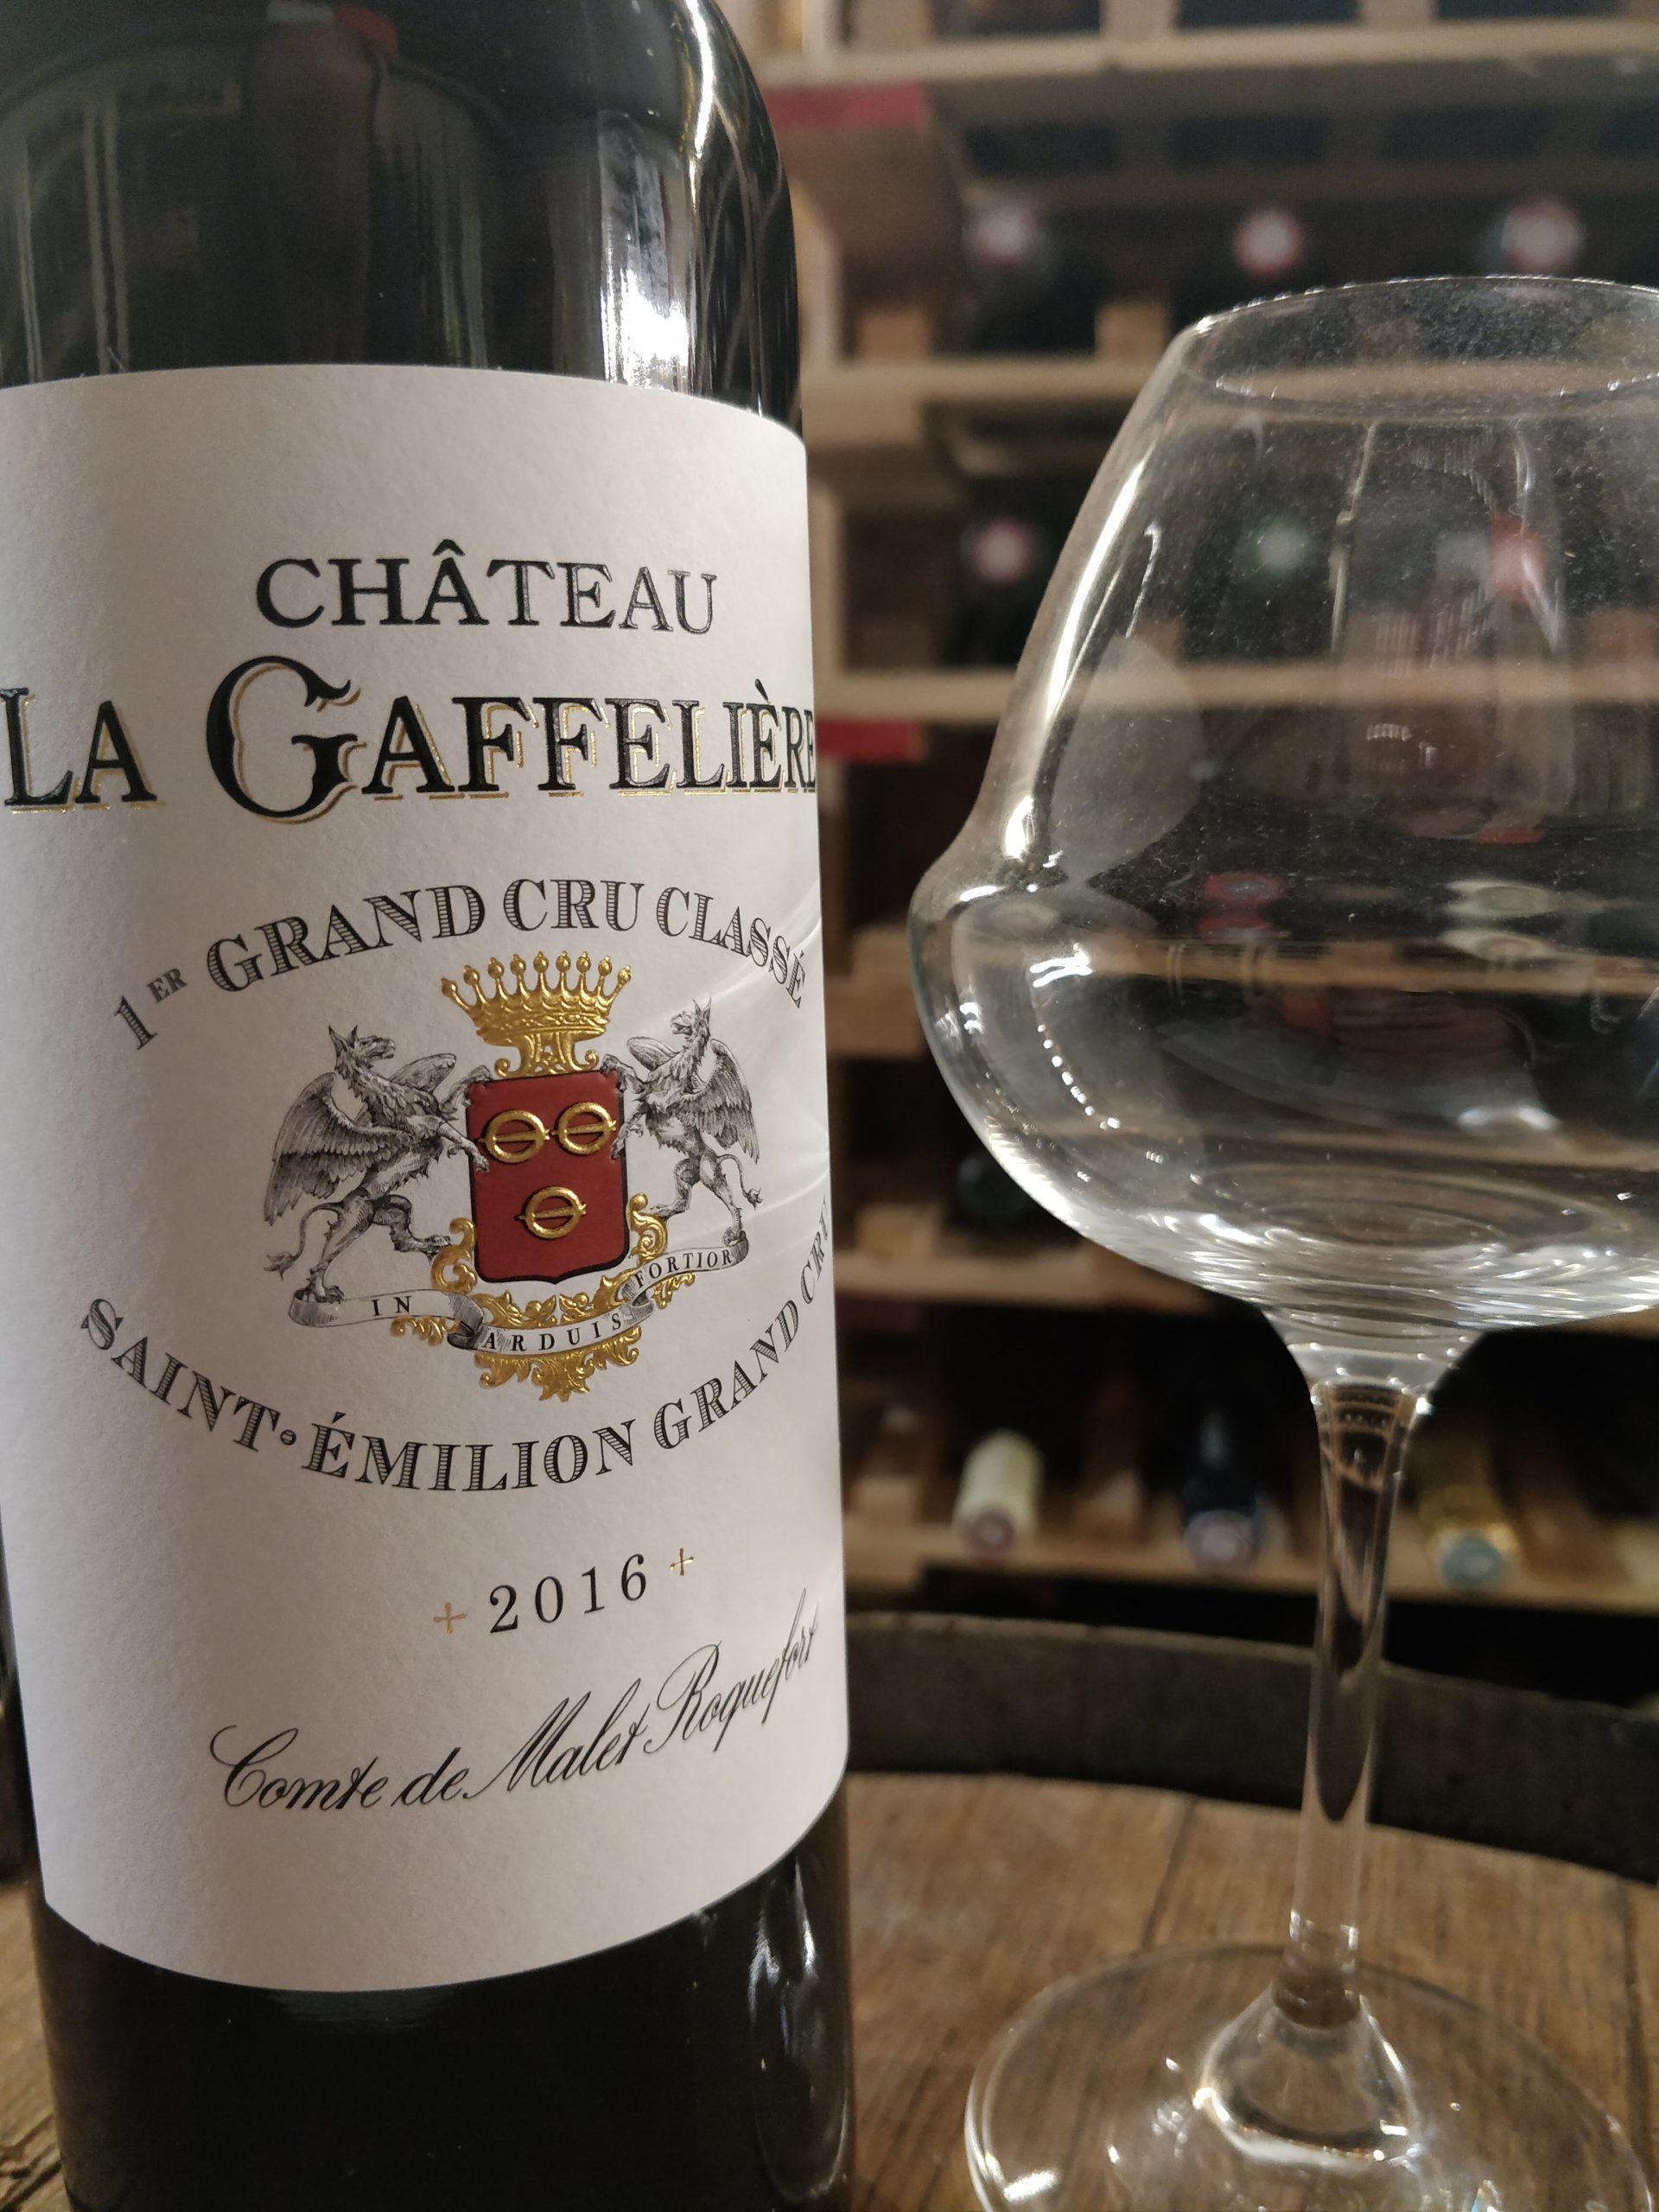 Château La Gaffeliere 2016